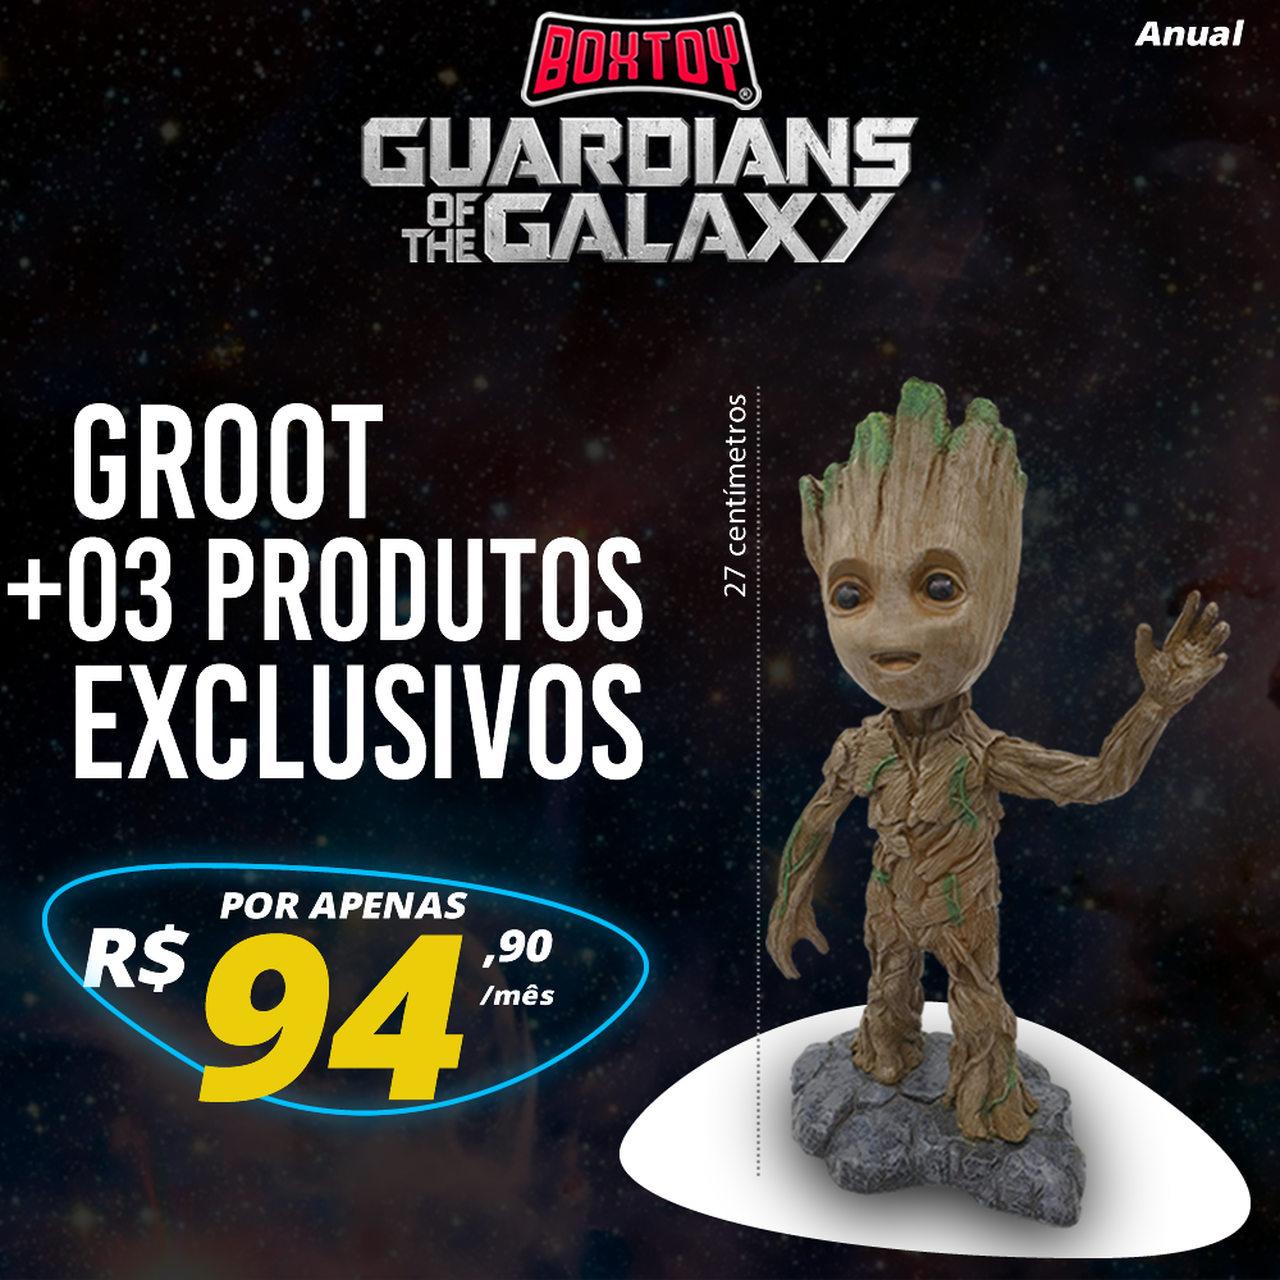 Boxtoy Edição Guardiões da galáxia ANUAL  - Boxtoy